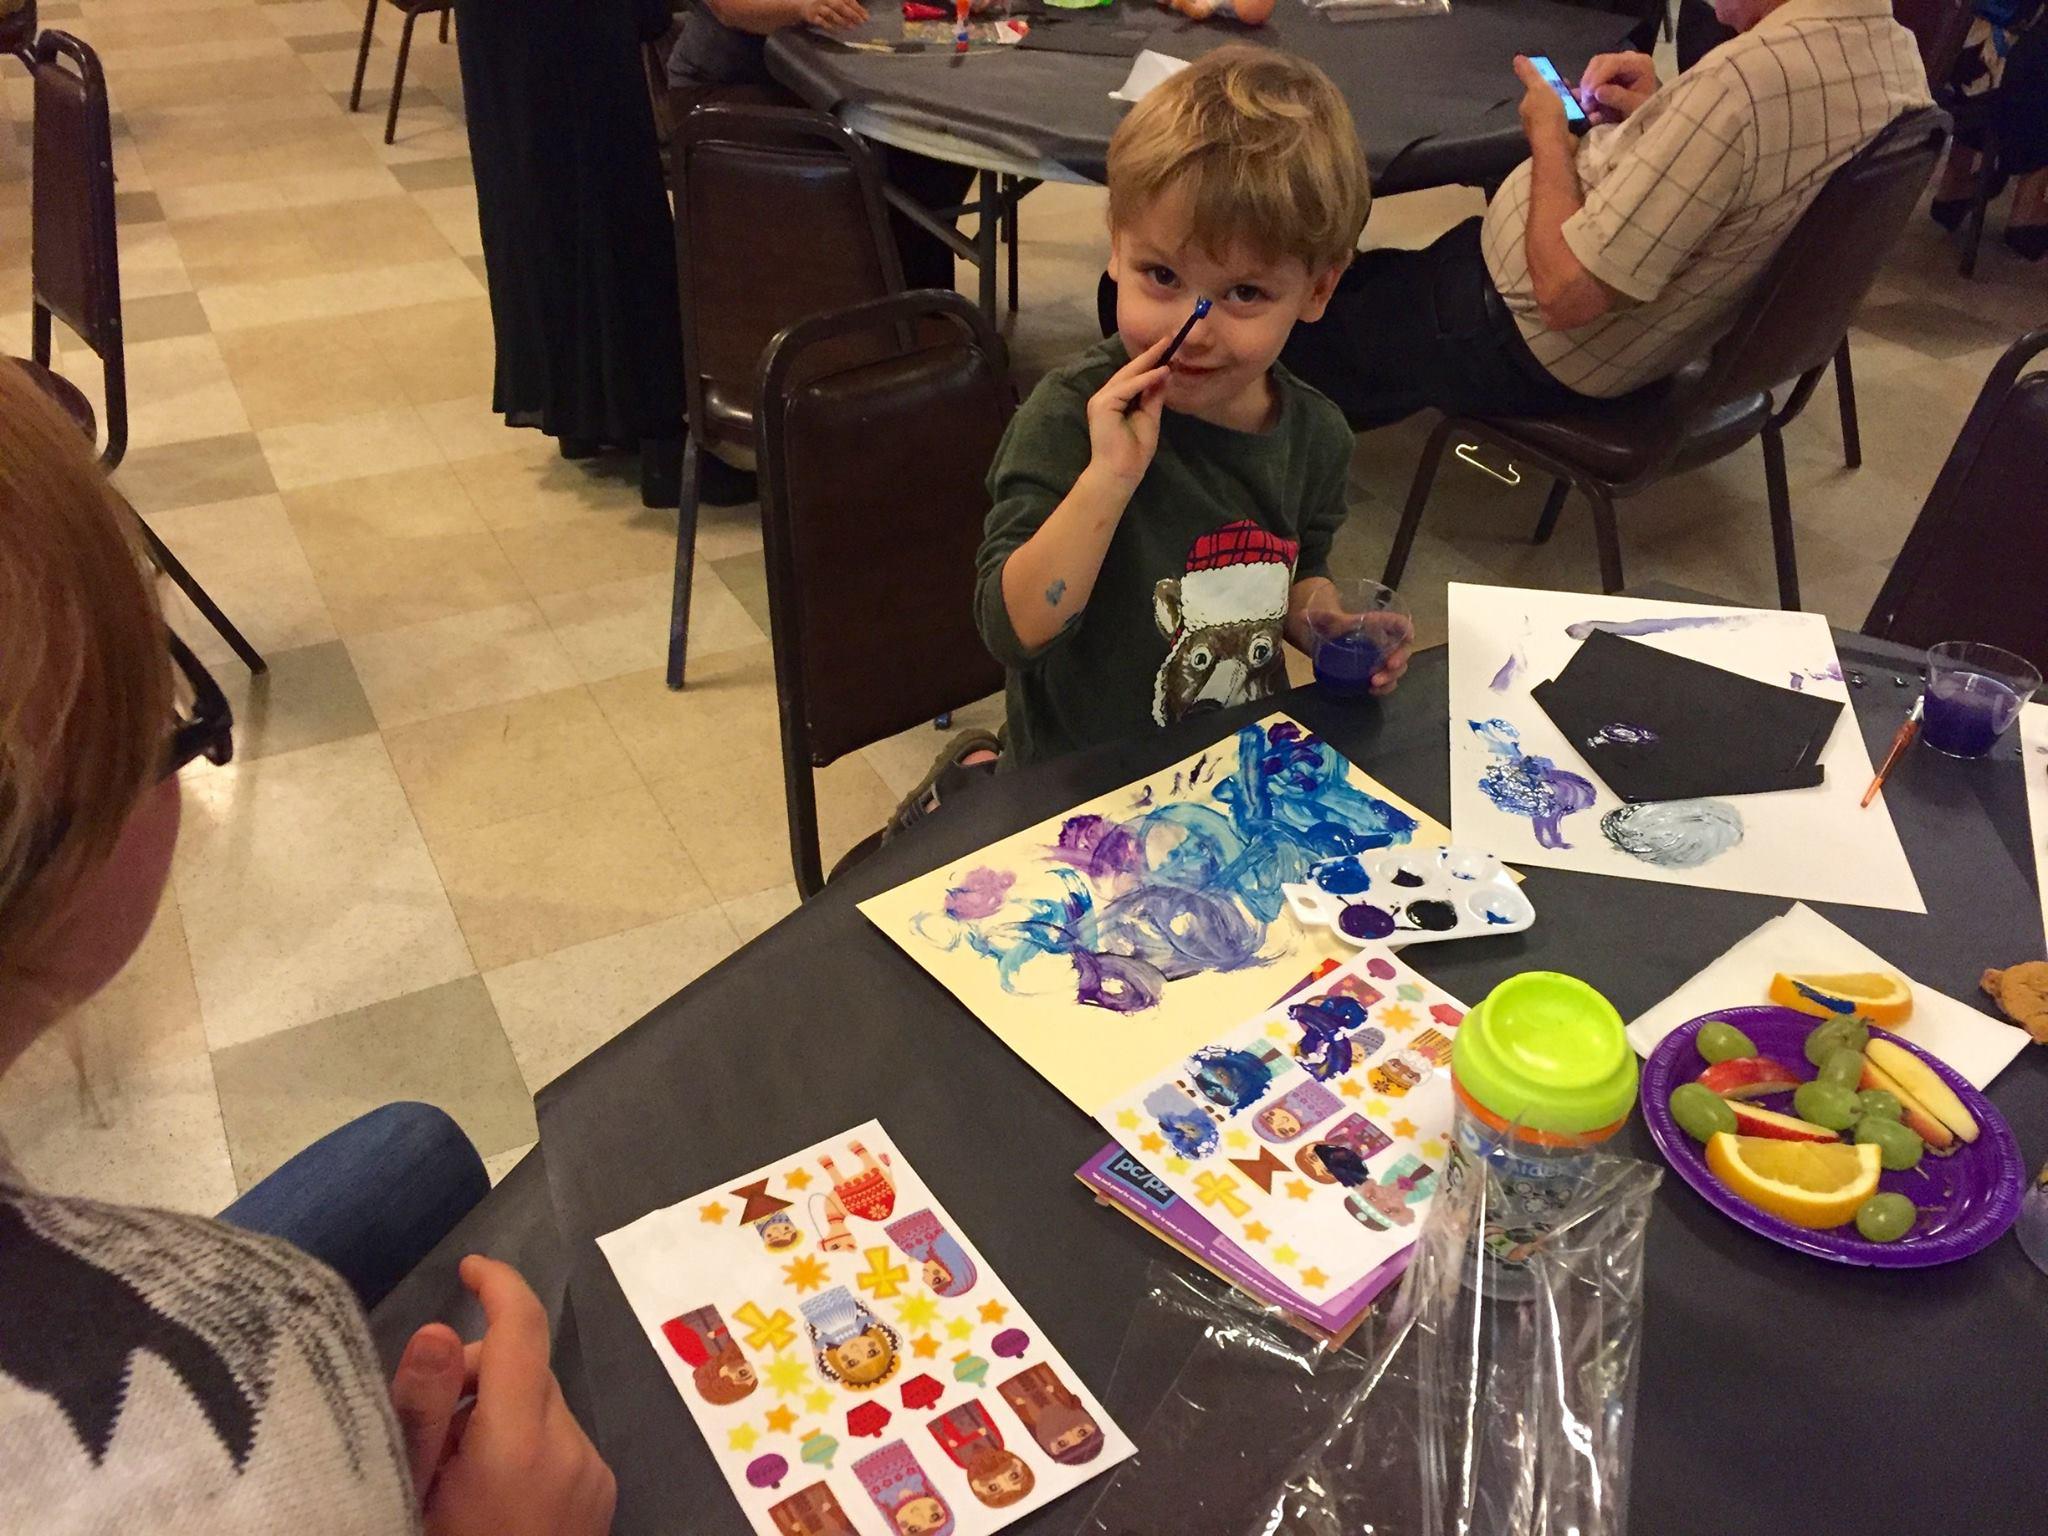 claremont-presbyterian-church-children-crafts.jpg